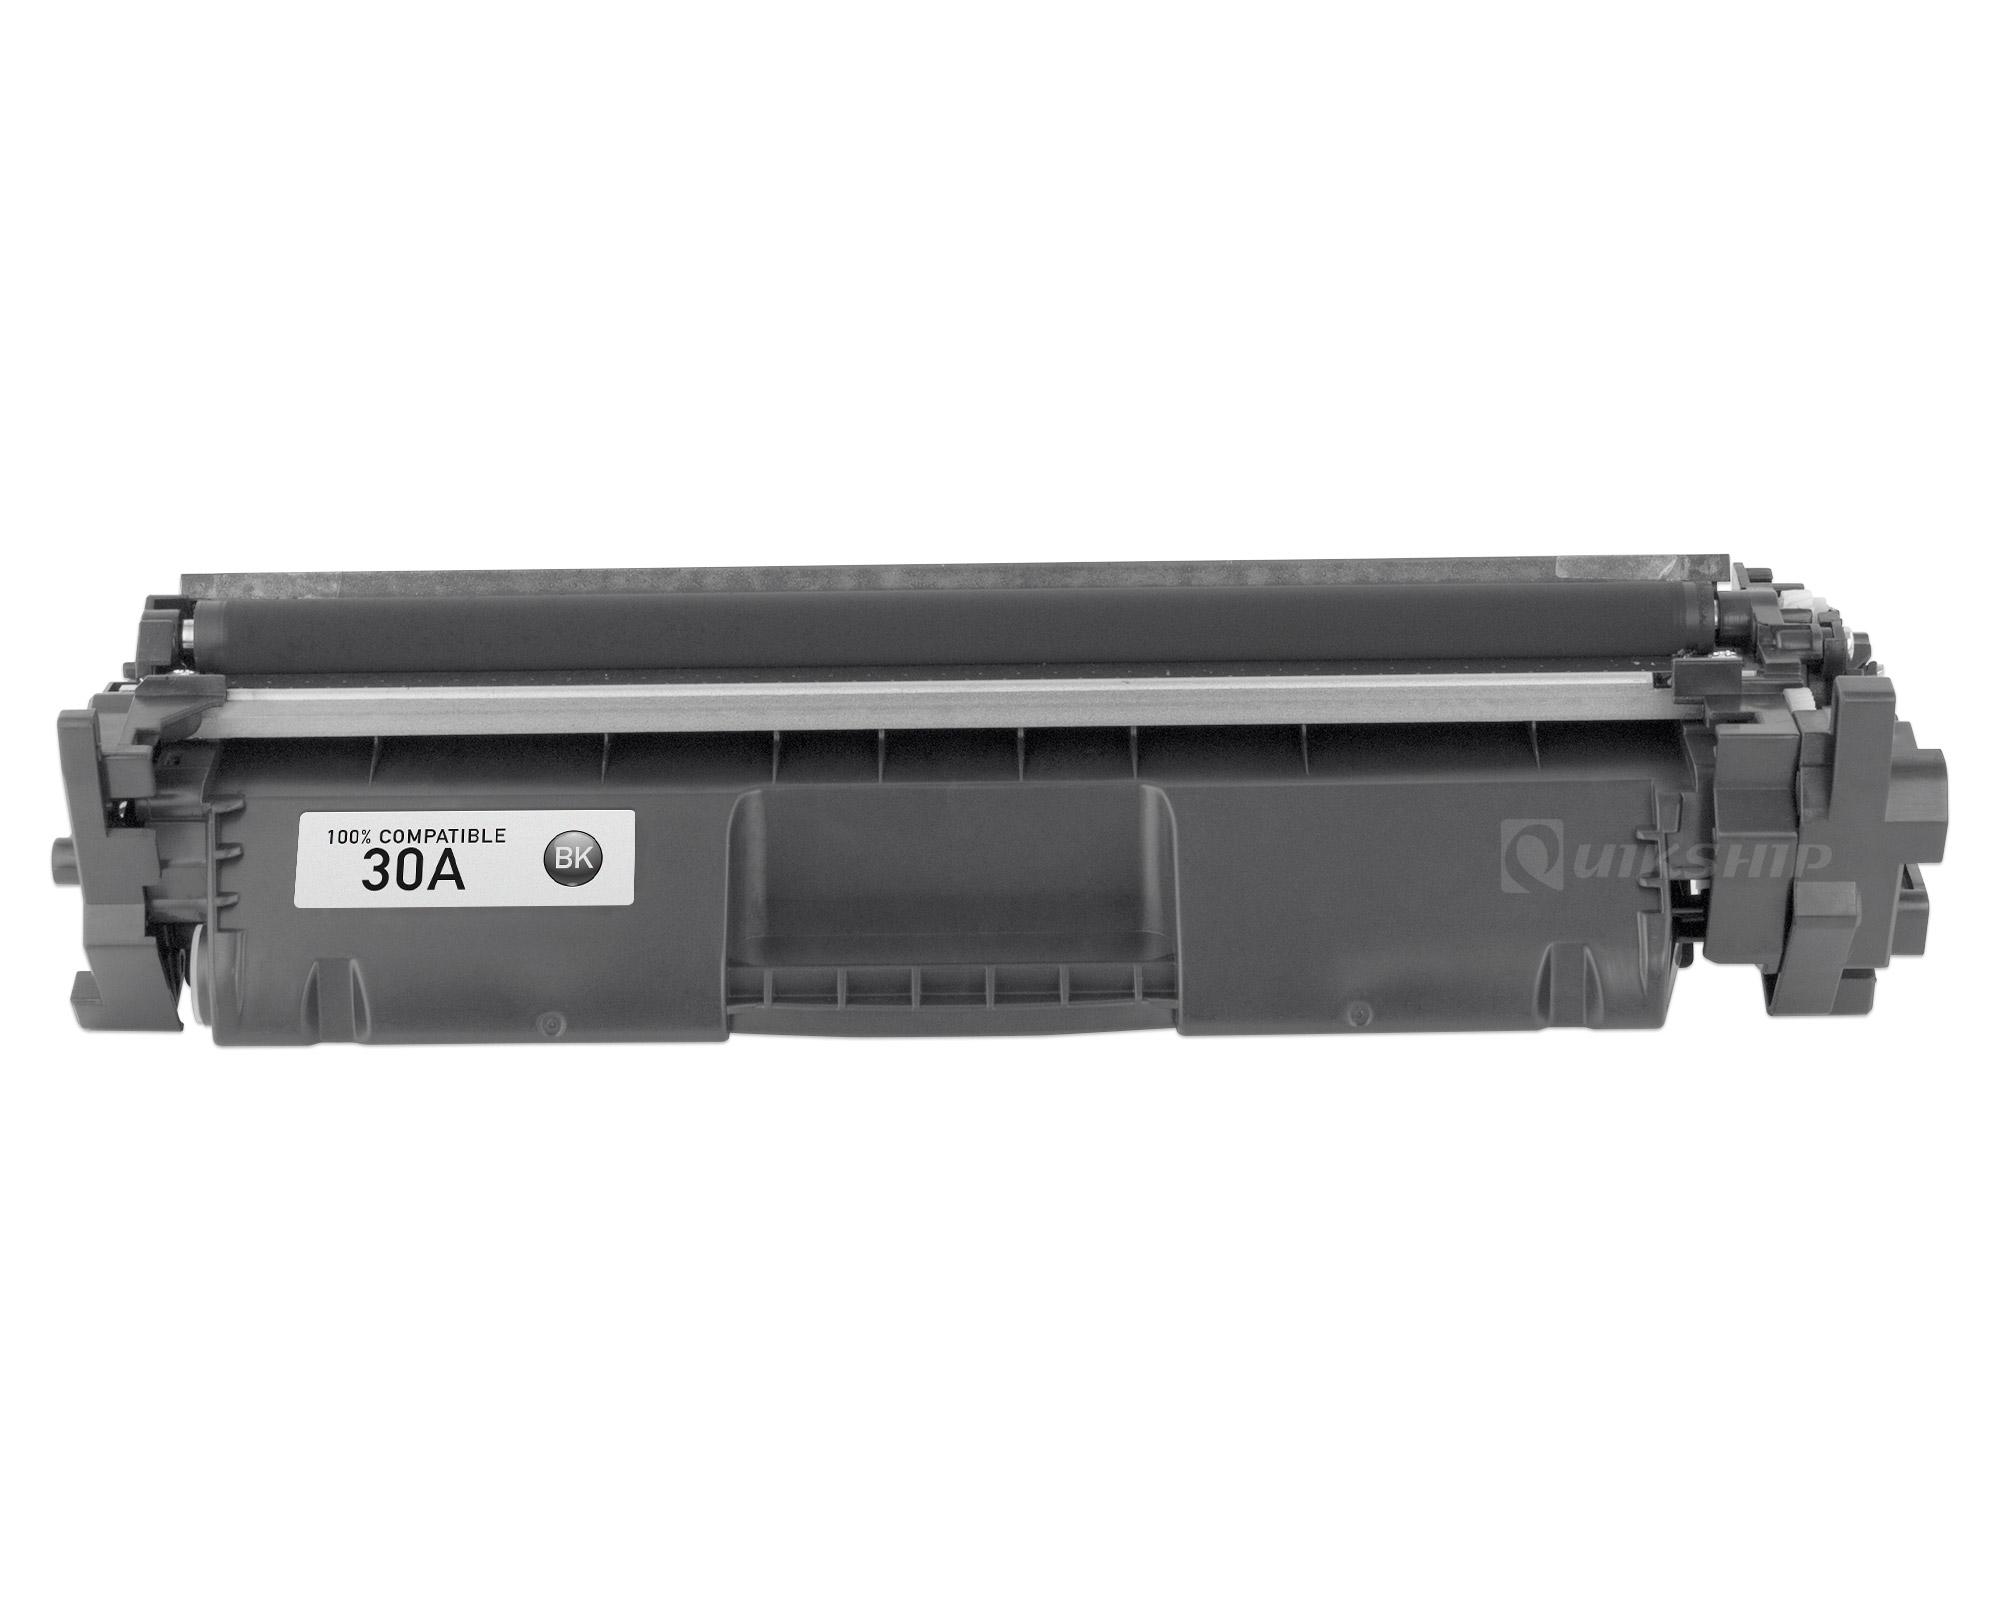 hp laserjet pro m203dw manual